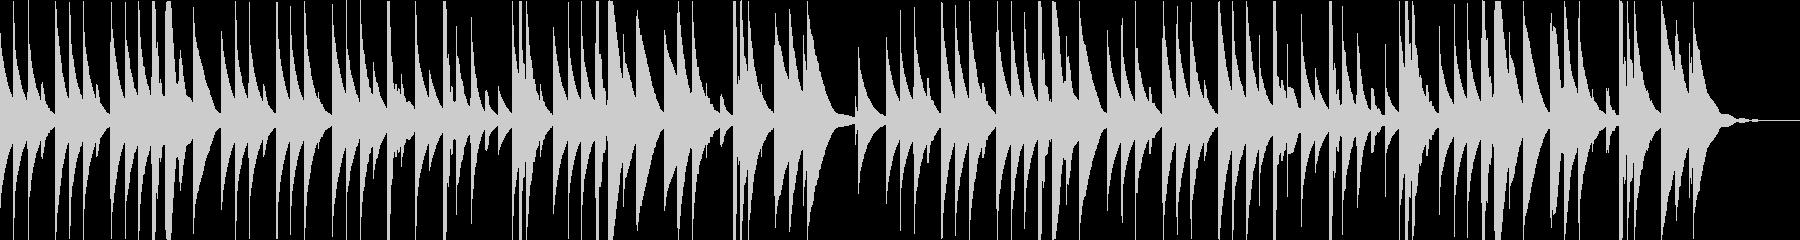 夕方を連想させるオルゴール曲の未再生の波形